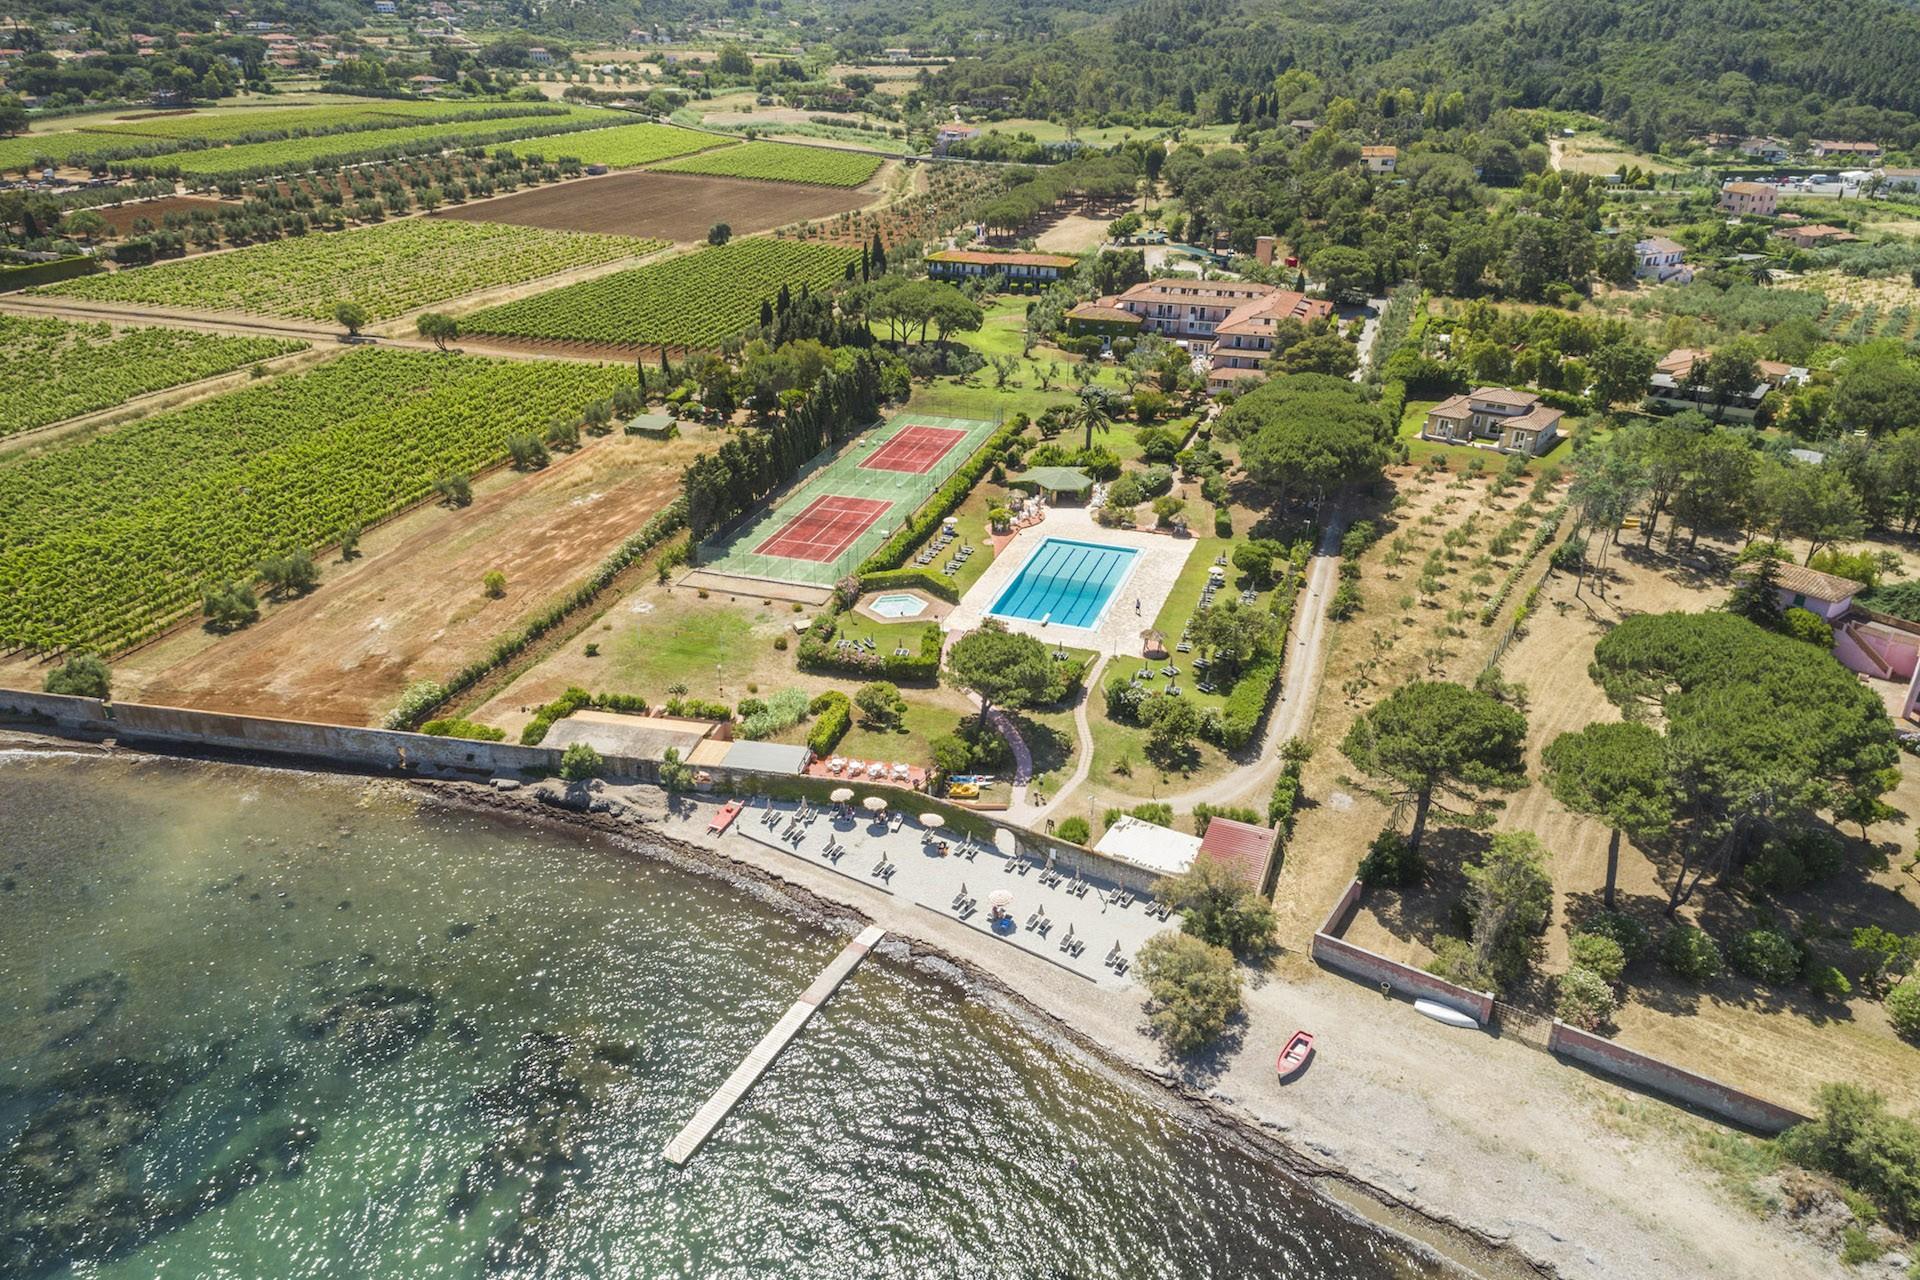 Isola d'Elba! Hotel Fabricia 8 giorni e 7 notti Pernottamento in camera matrimoniale in mezza pensione con servizio spiaggia e piscina con ombrelloni e lettini a soli 449 euro!